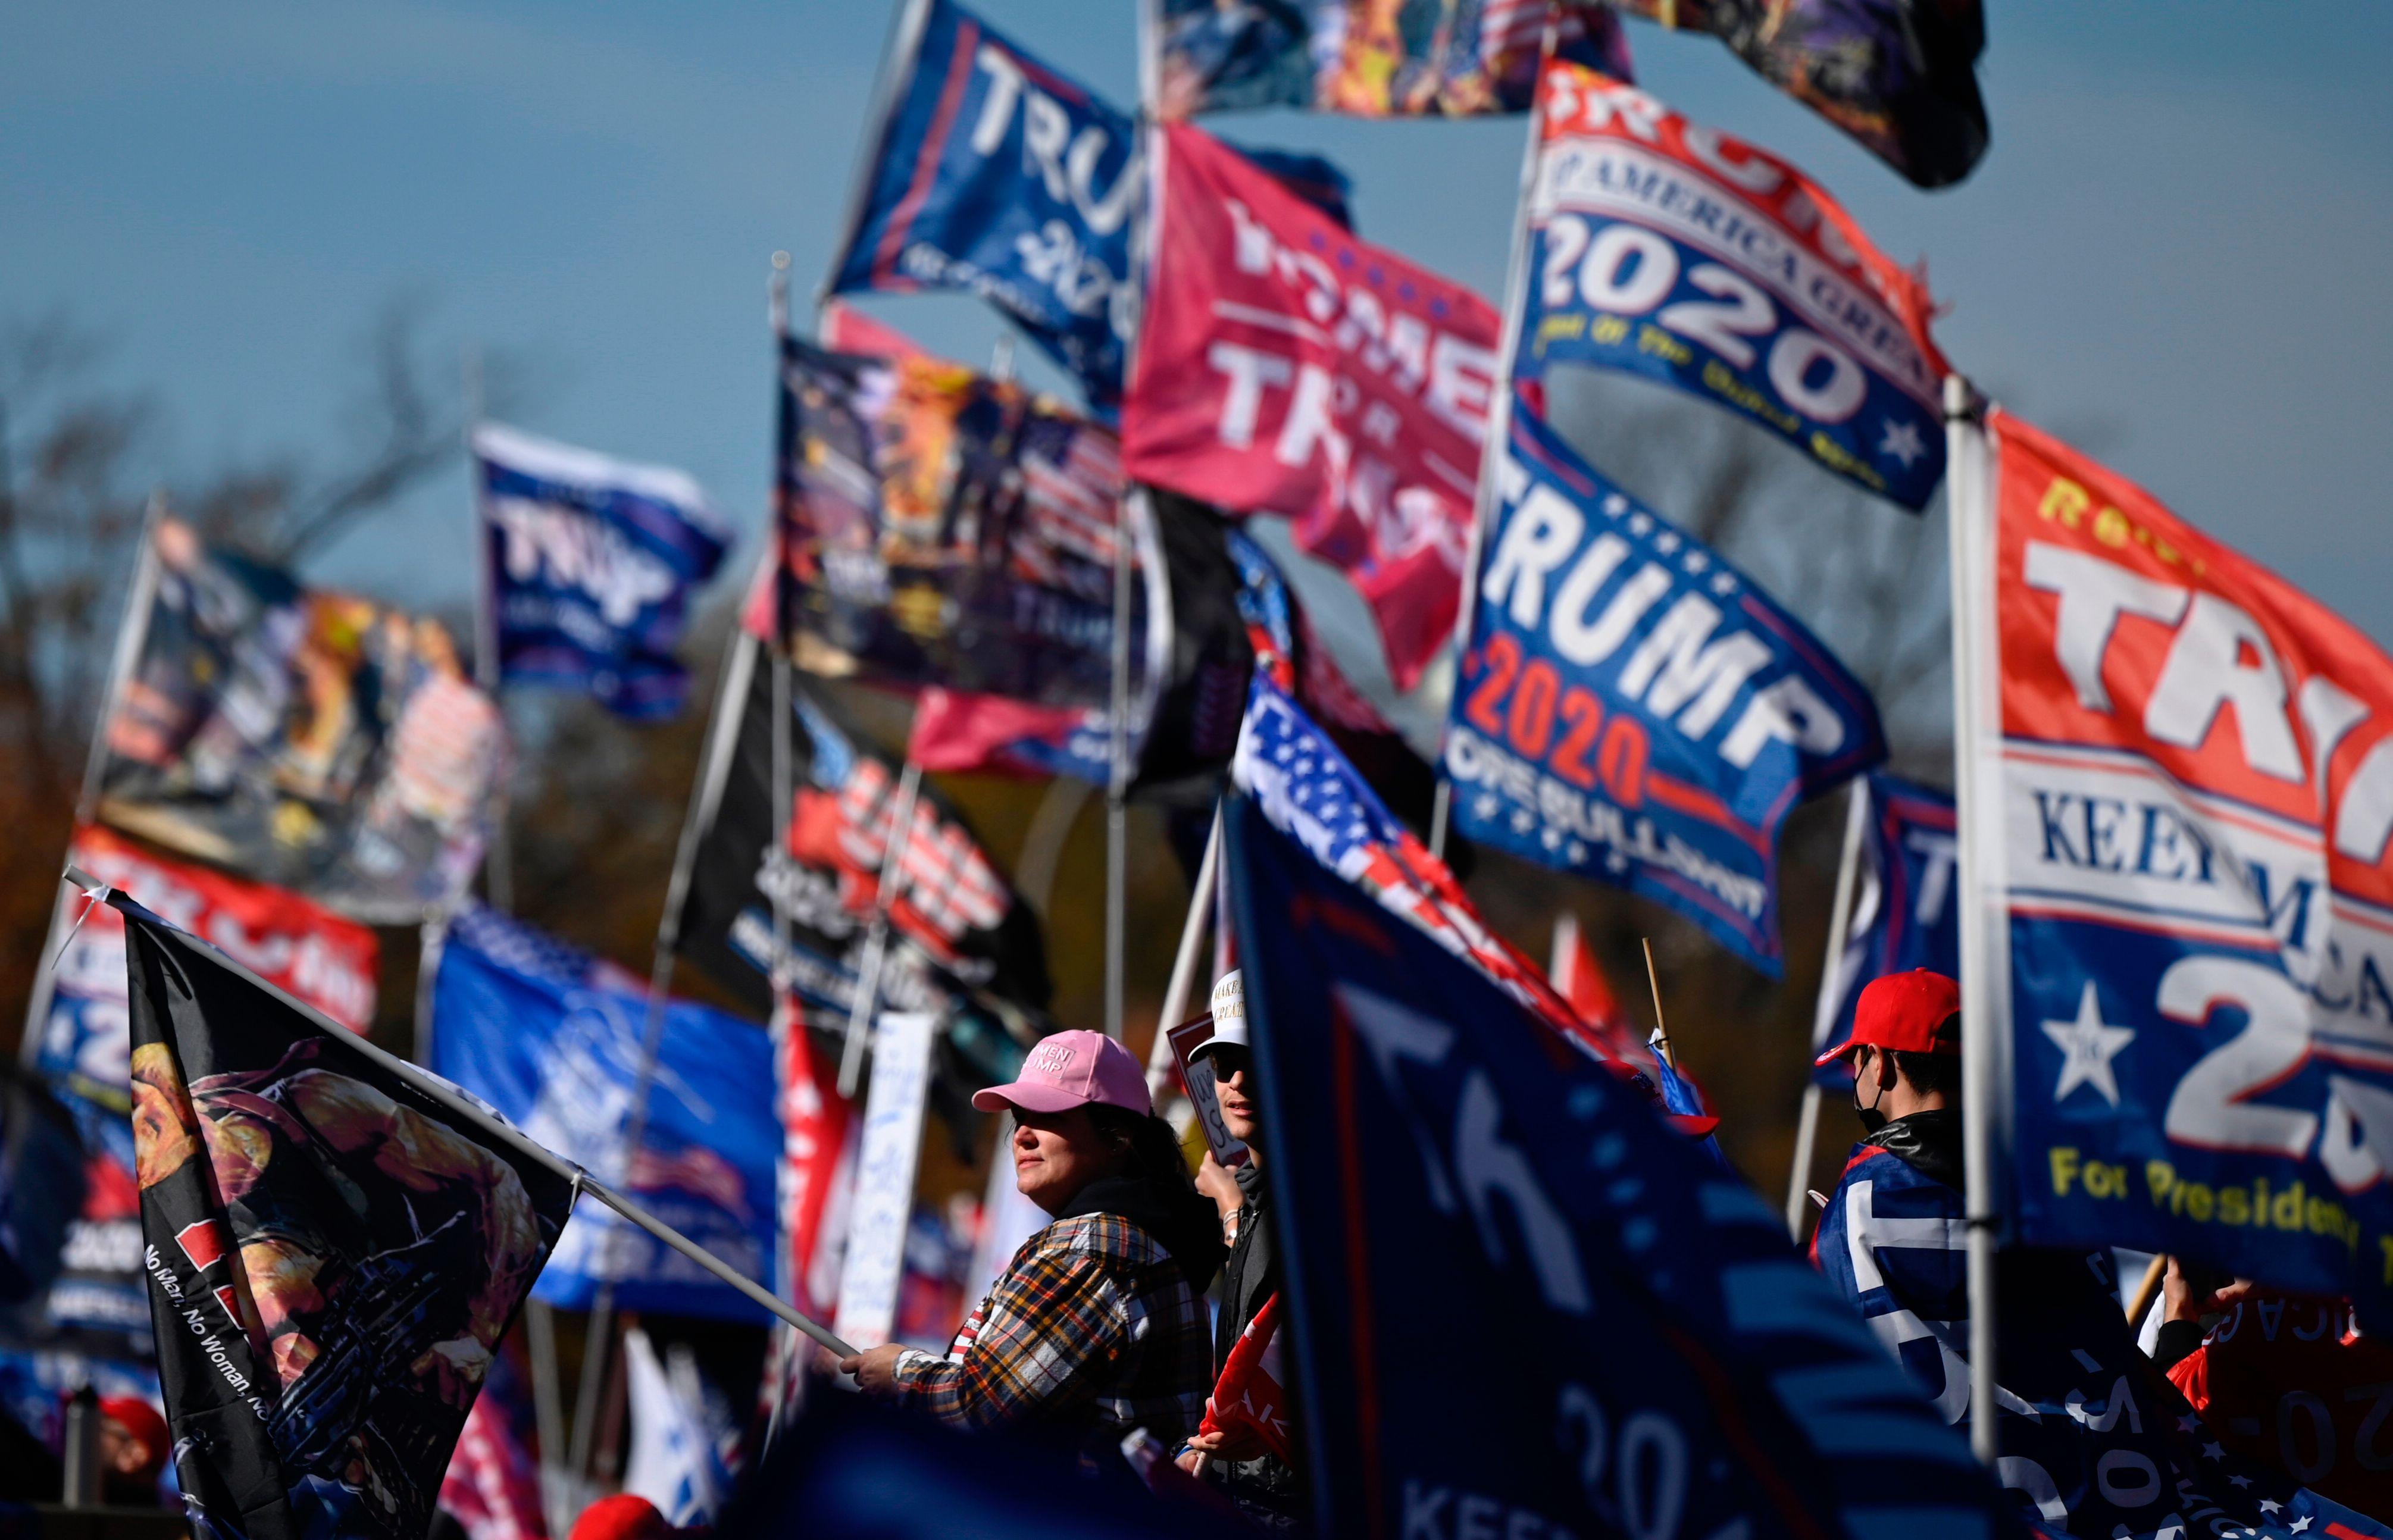 Les partisans de Trump agitant des drapeaux à Washington le 14 novembre.